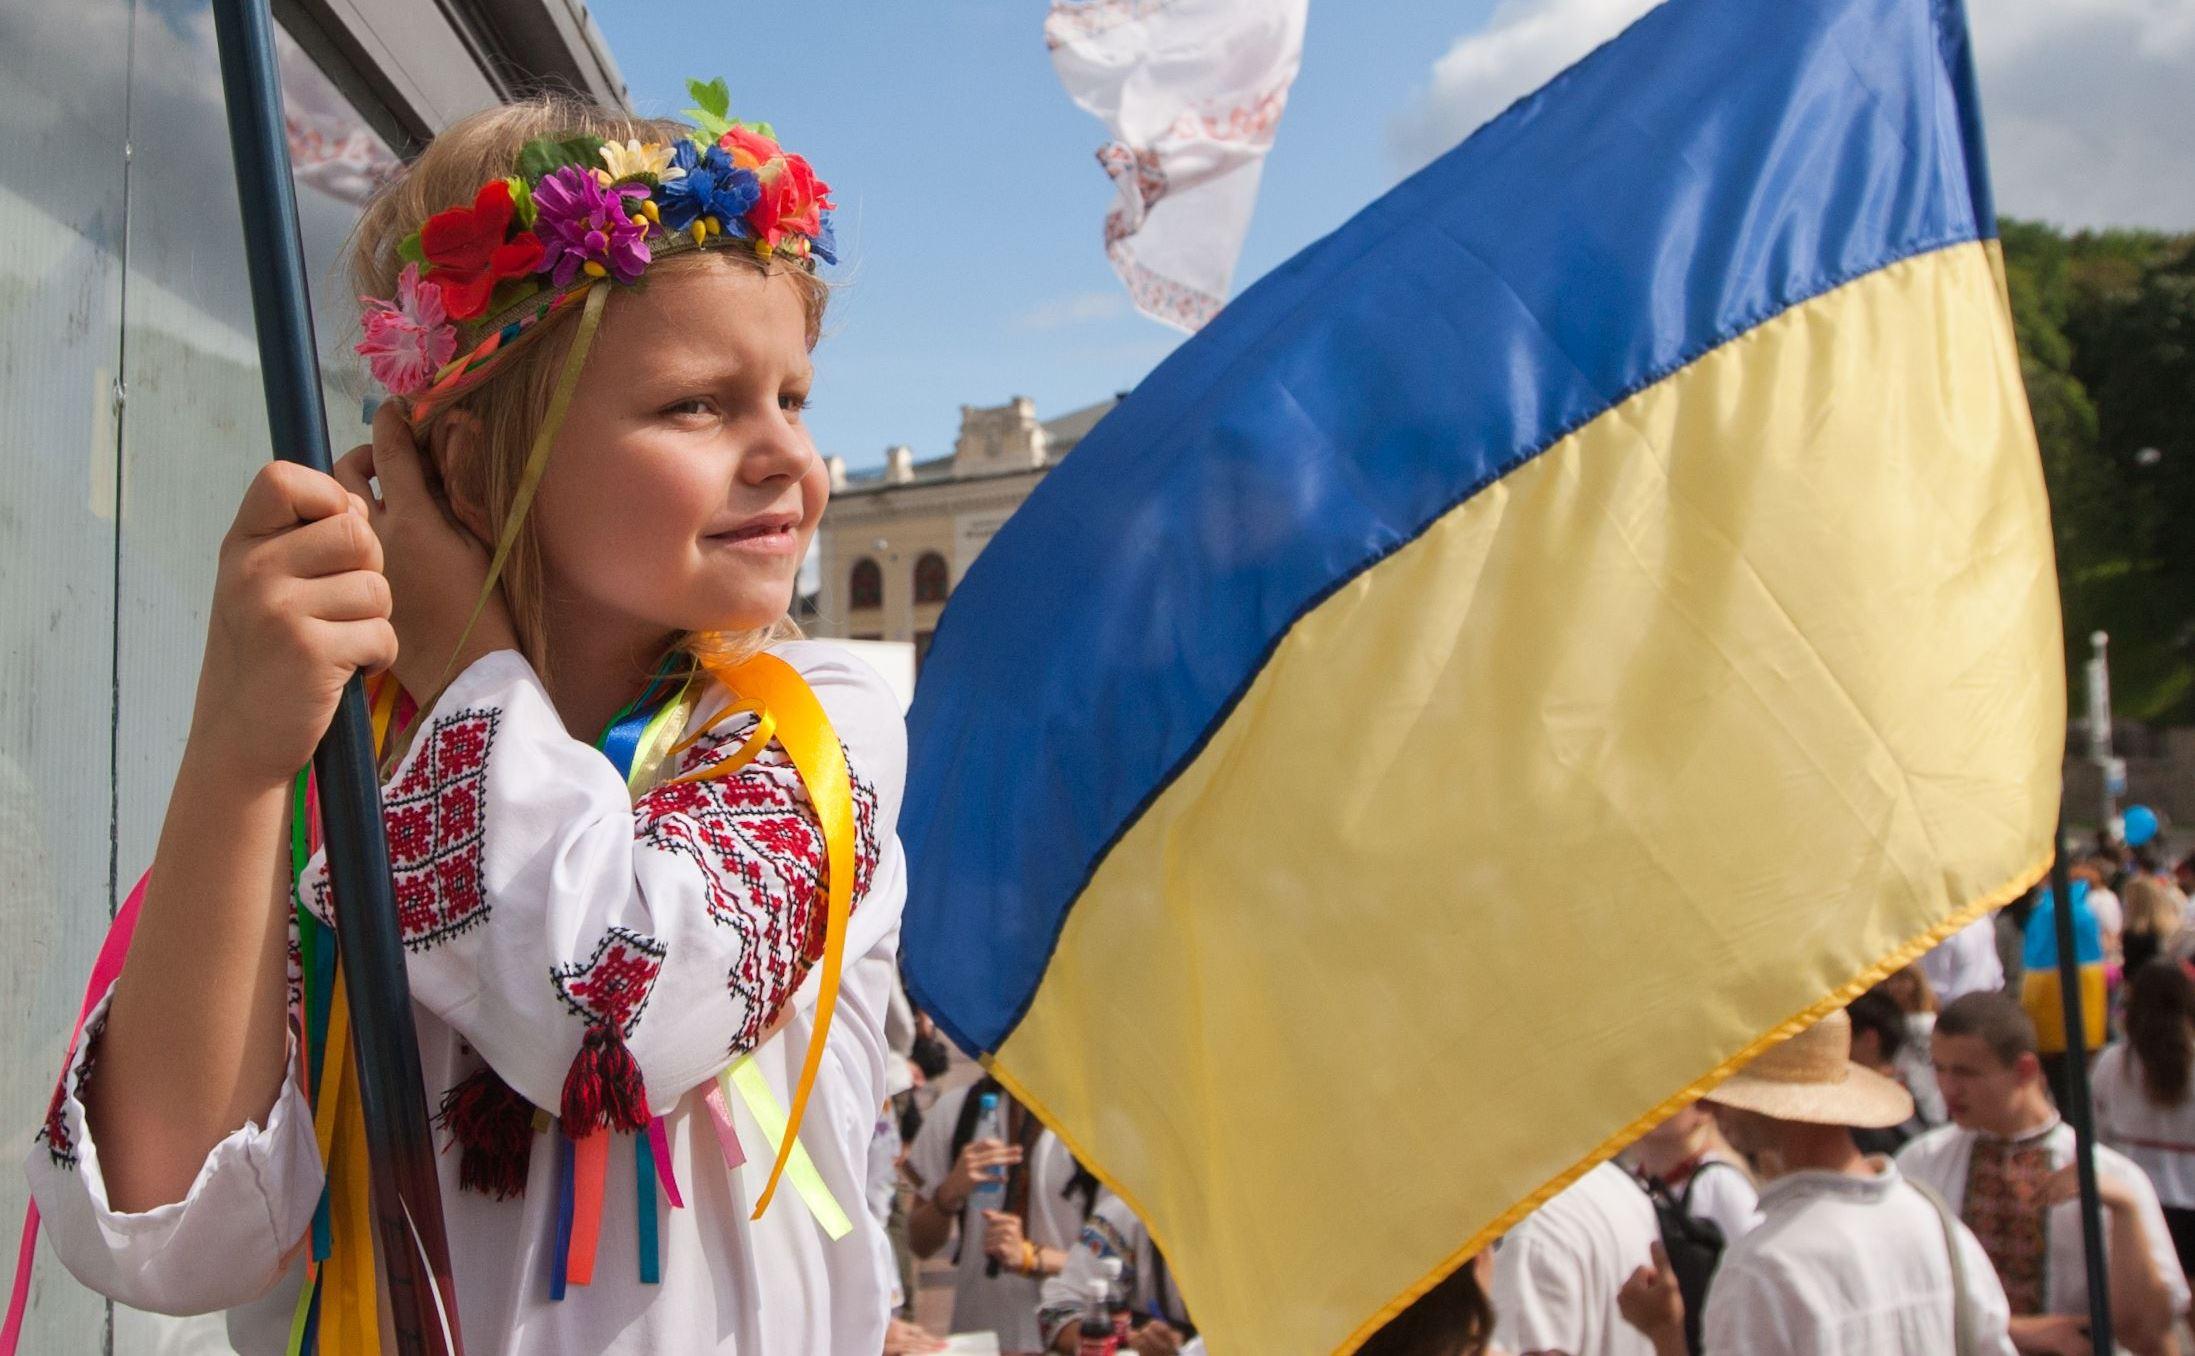 украина, киев, день независимости, общество, мероприятия